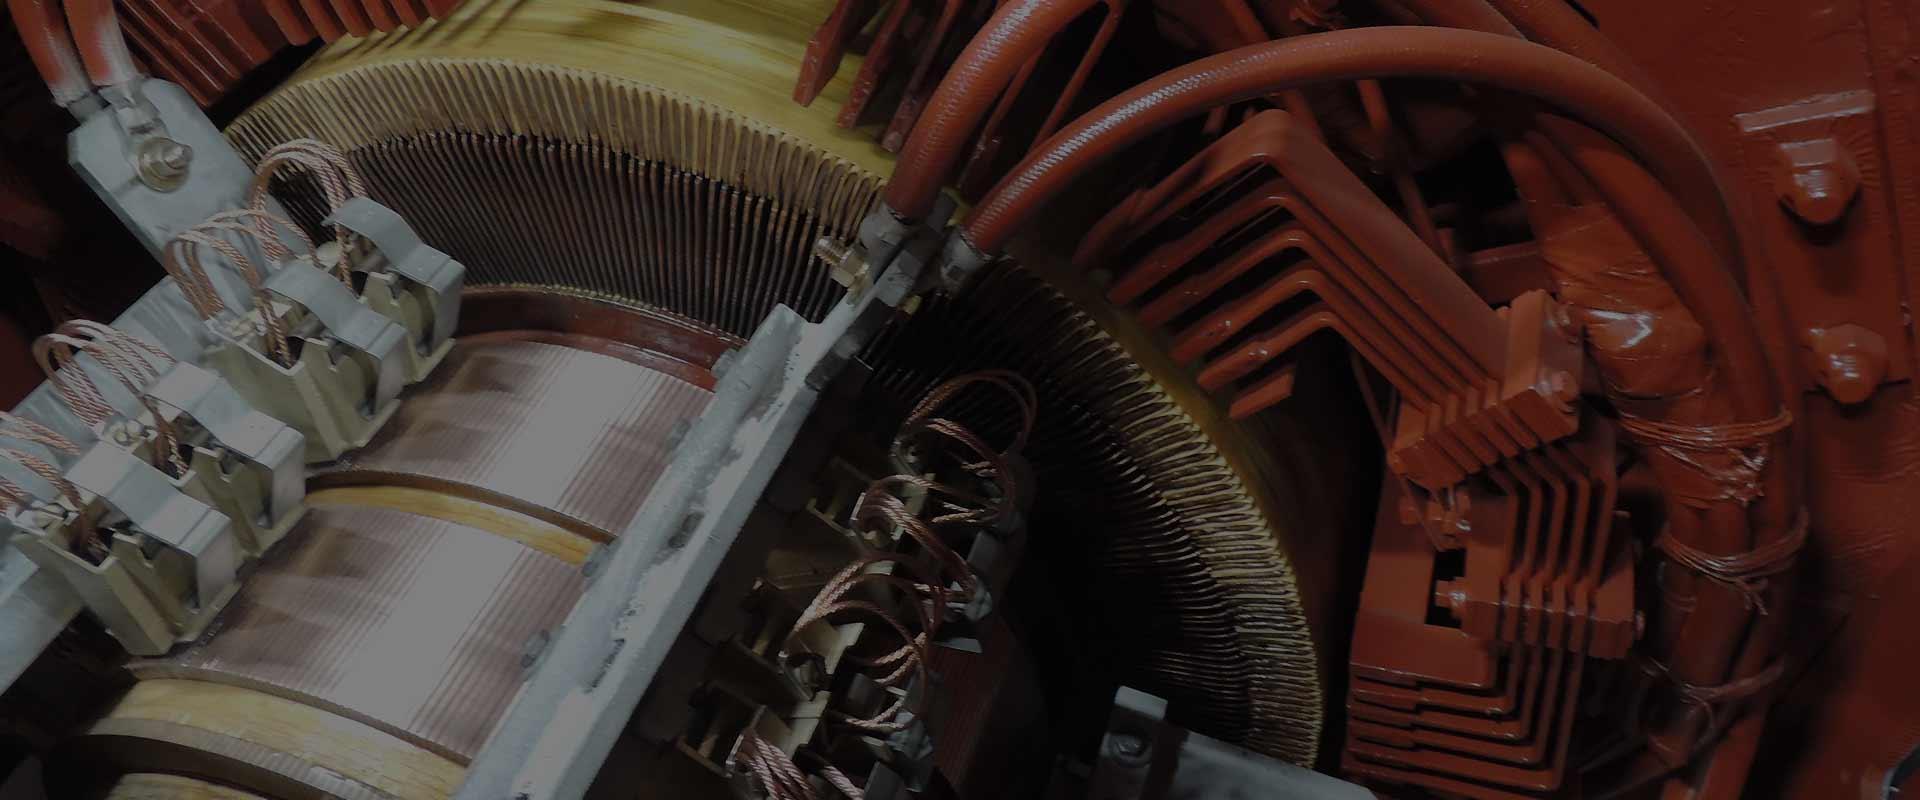 800 hp Motor Rebuild